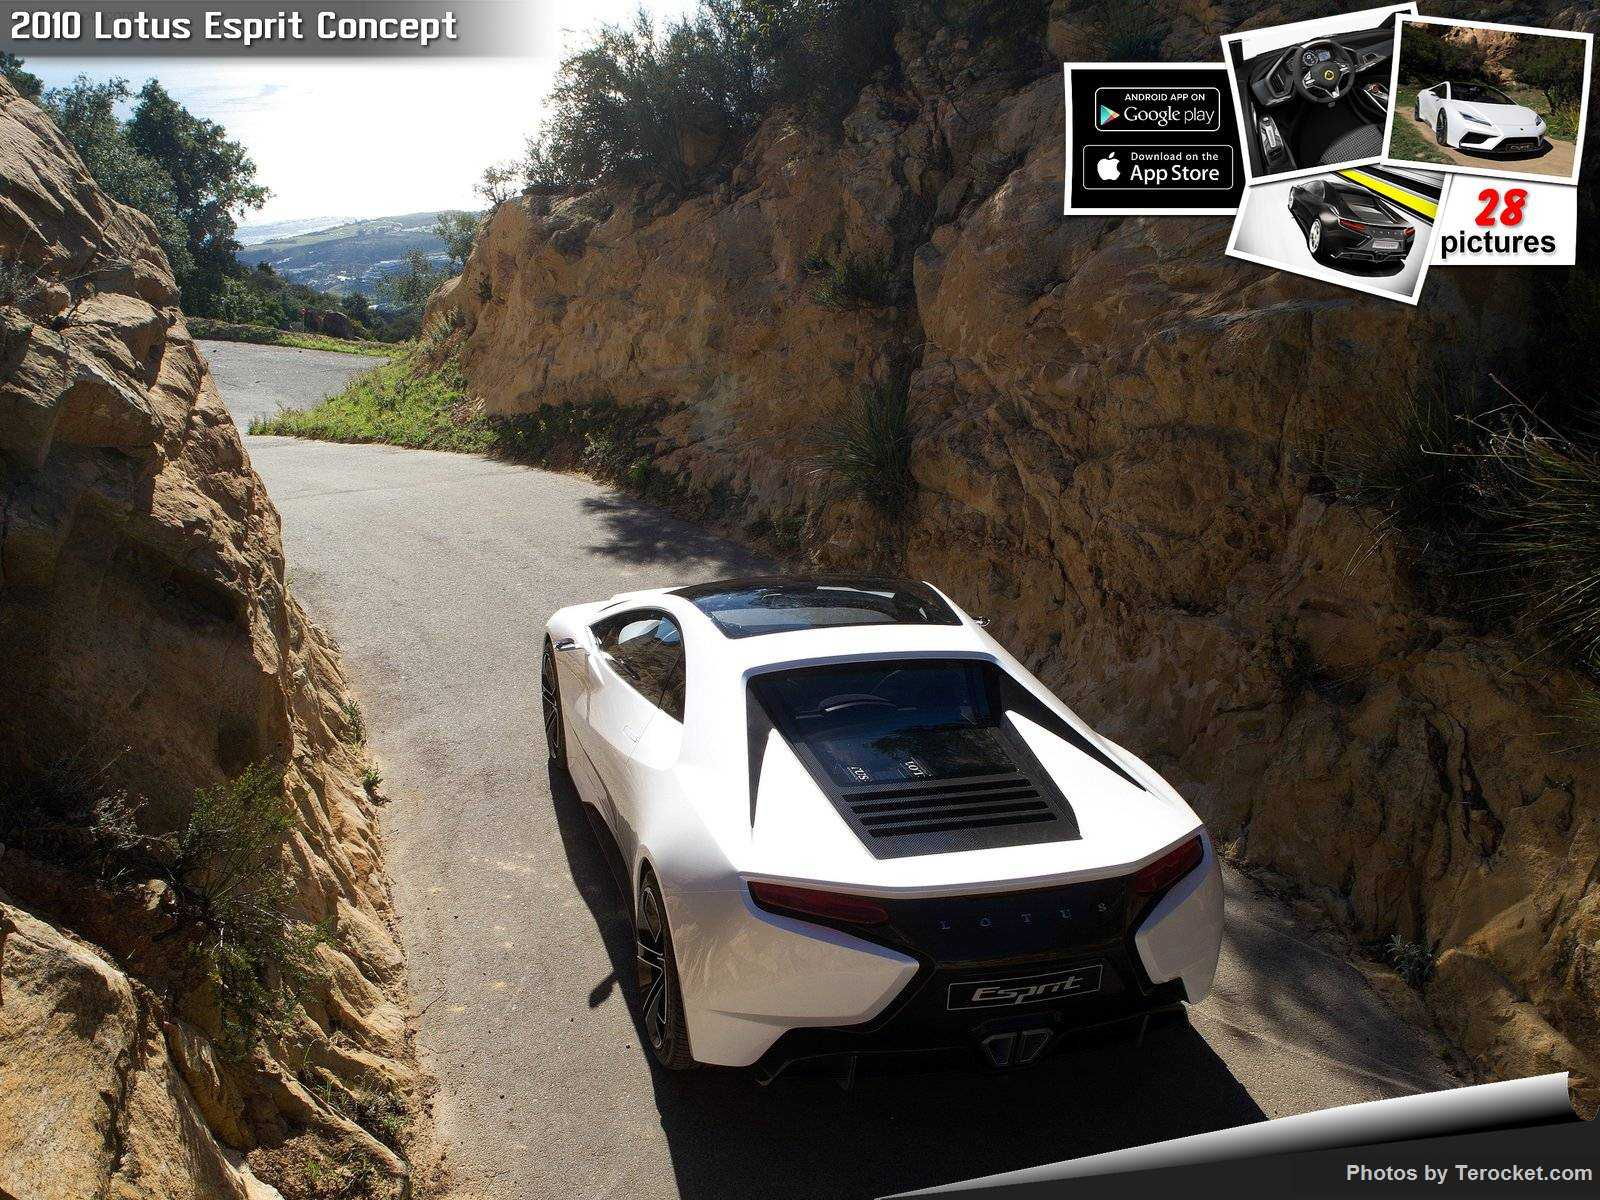 Hình ảnh siêu xe Lotus Esprit Concept 2010 & nội ngoại thất